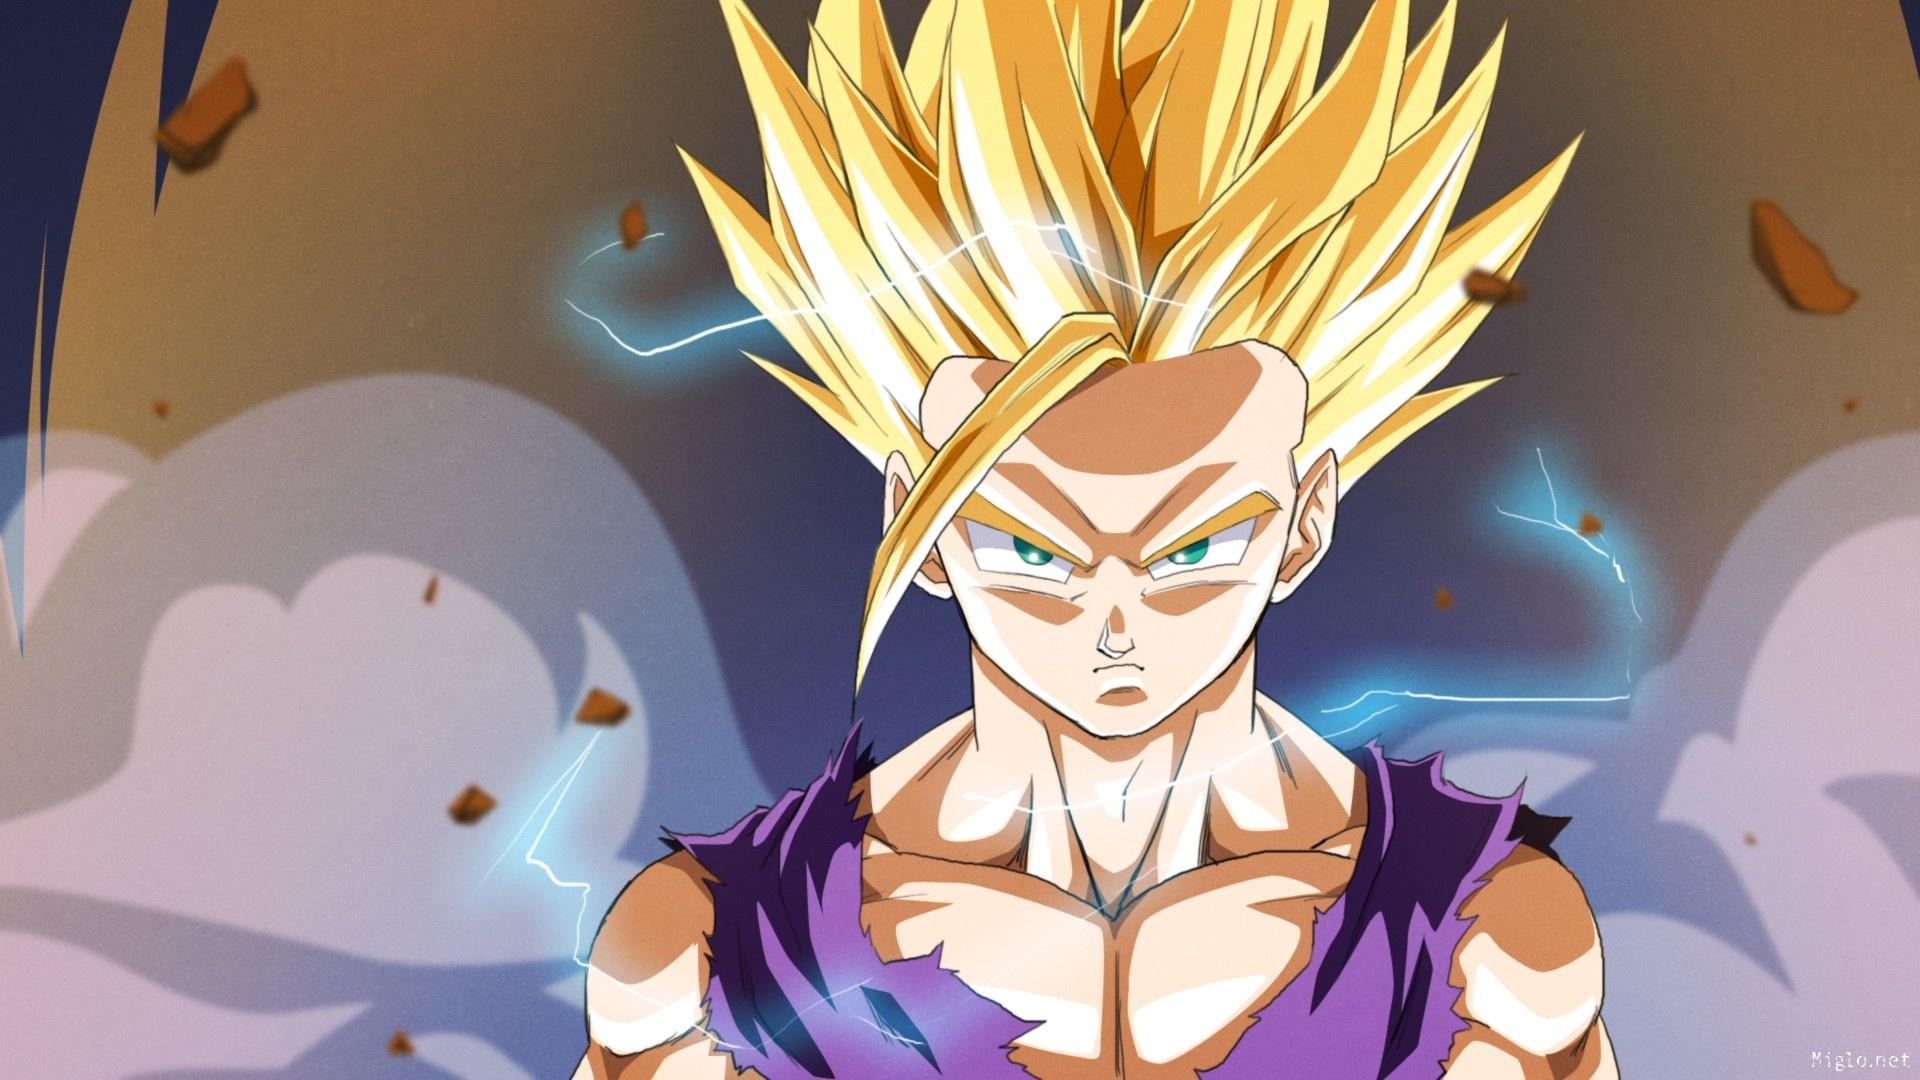 Son Gohan Dragon Ball Z super HD Wallpaper